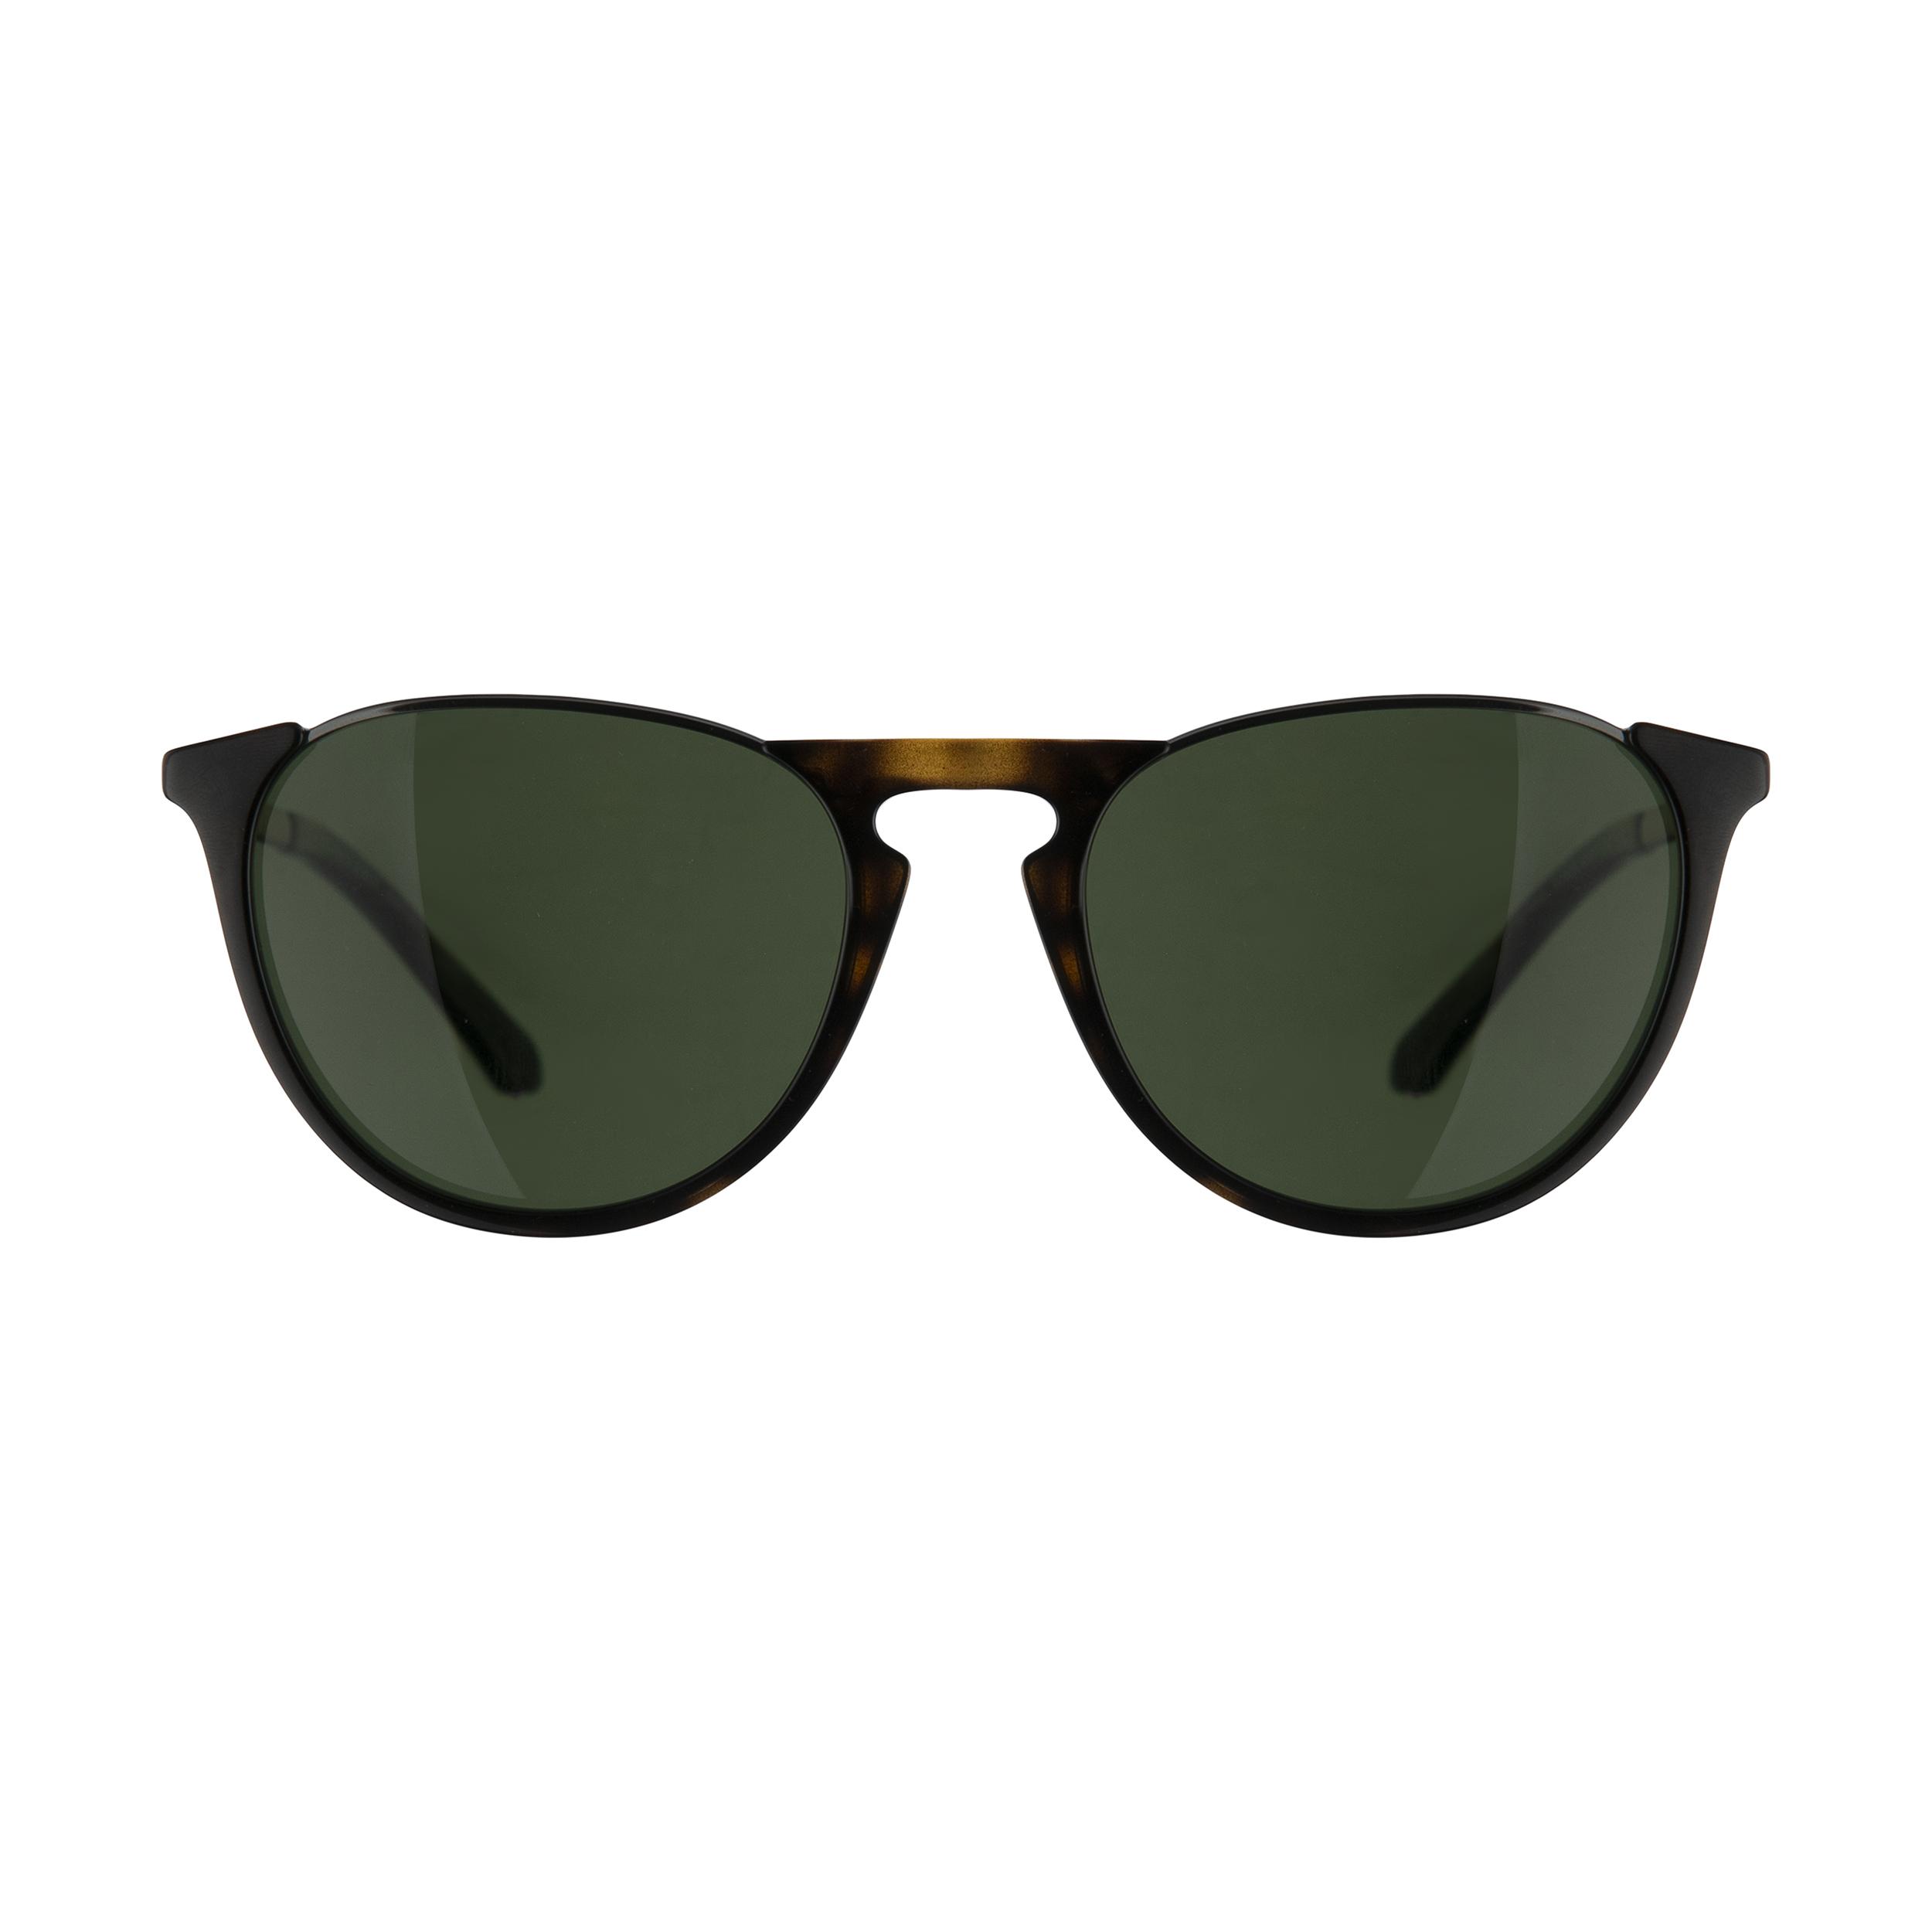 عینک آفتابی زنانه بربری مدل BE 4273S 300271 52 -  - 2